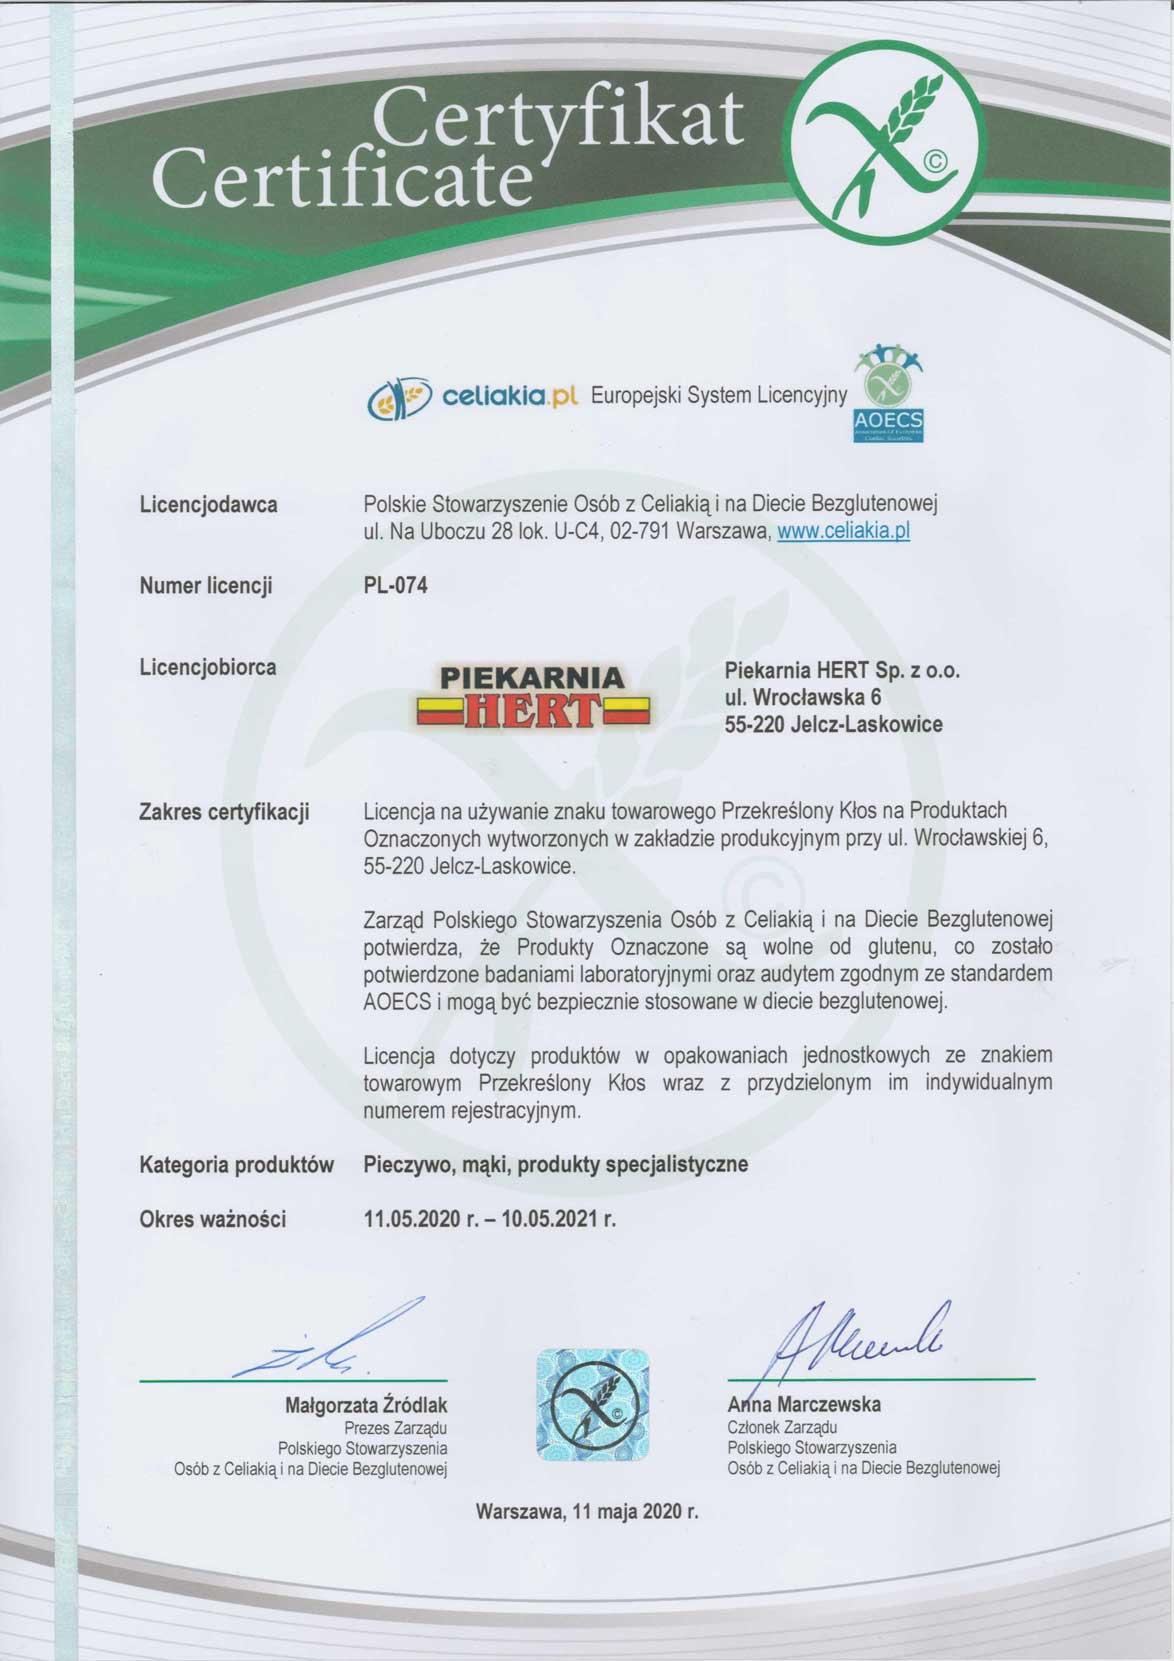 Certyfikat Celiakia